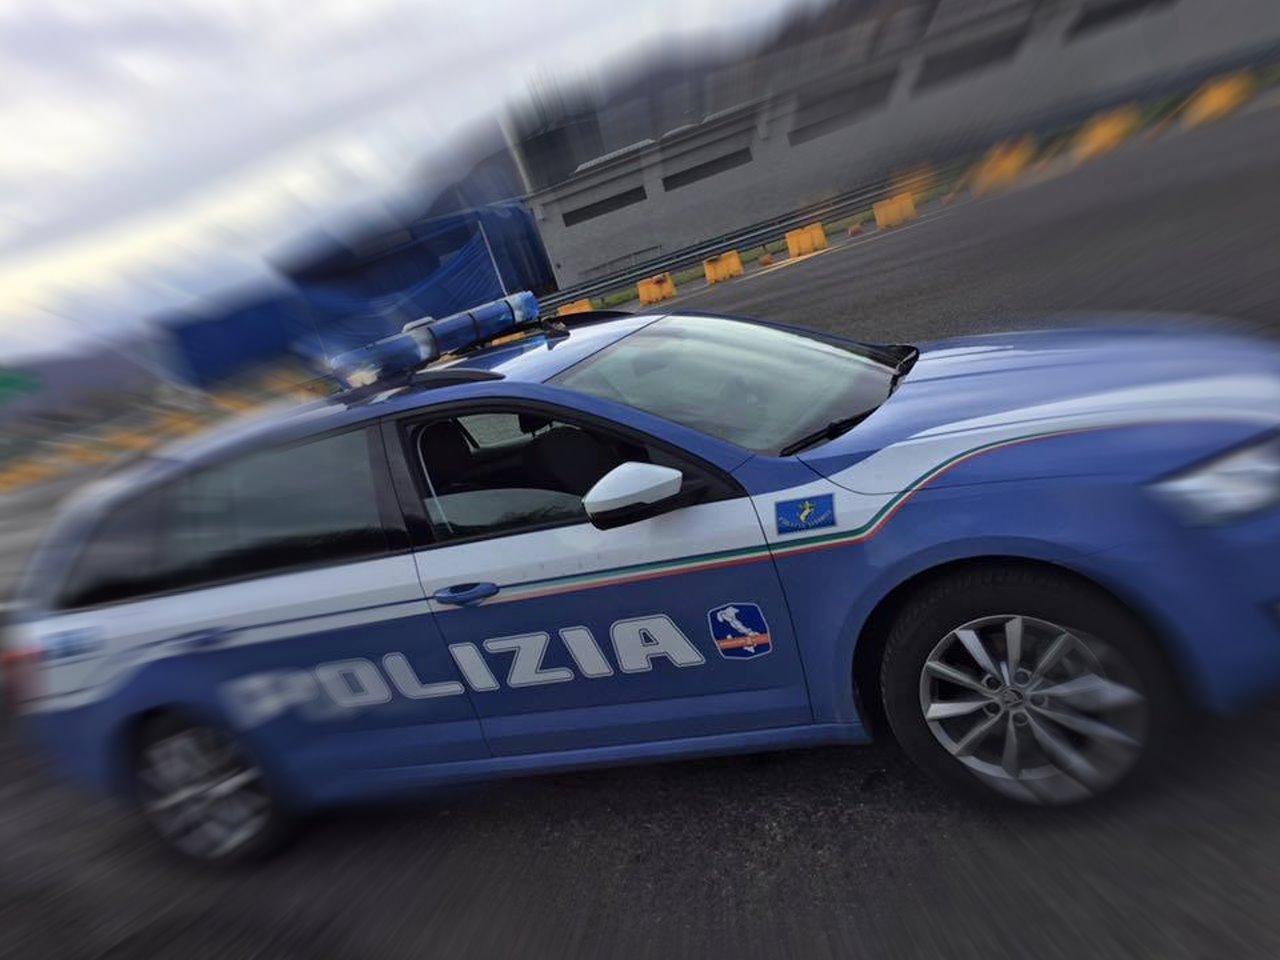 Incidente stradale, giovane ferito sulla 75 ad Assisi, si è ribaltato con la sua auto